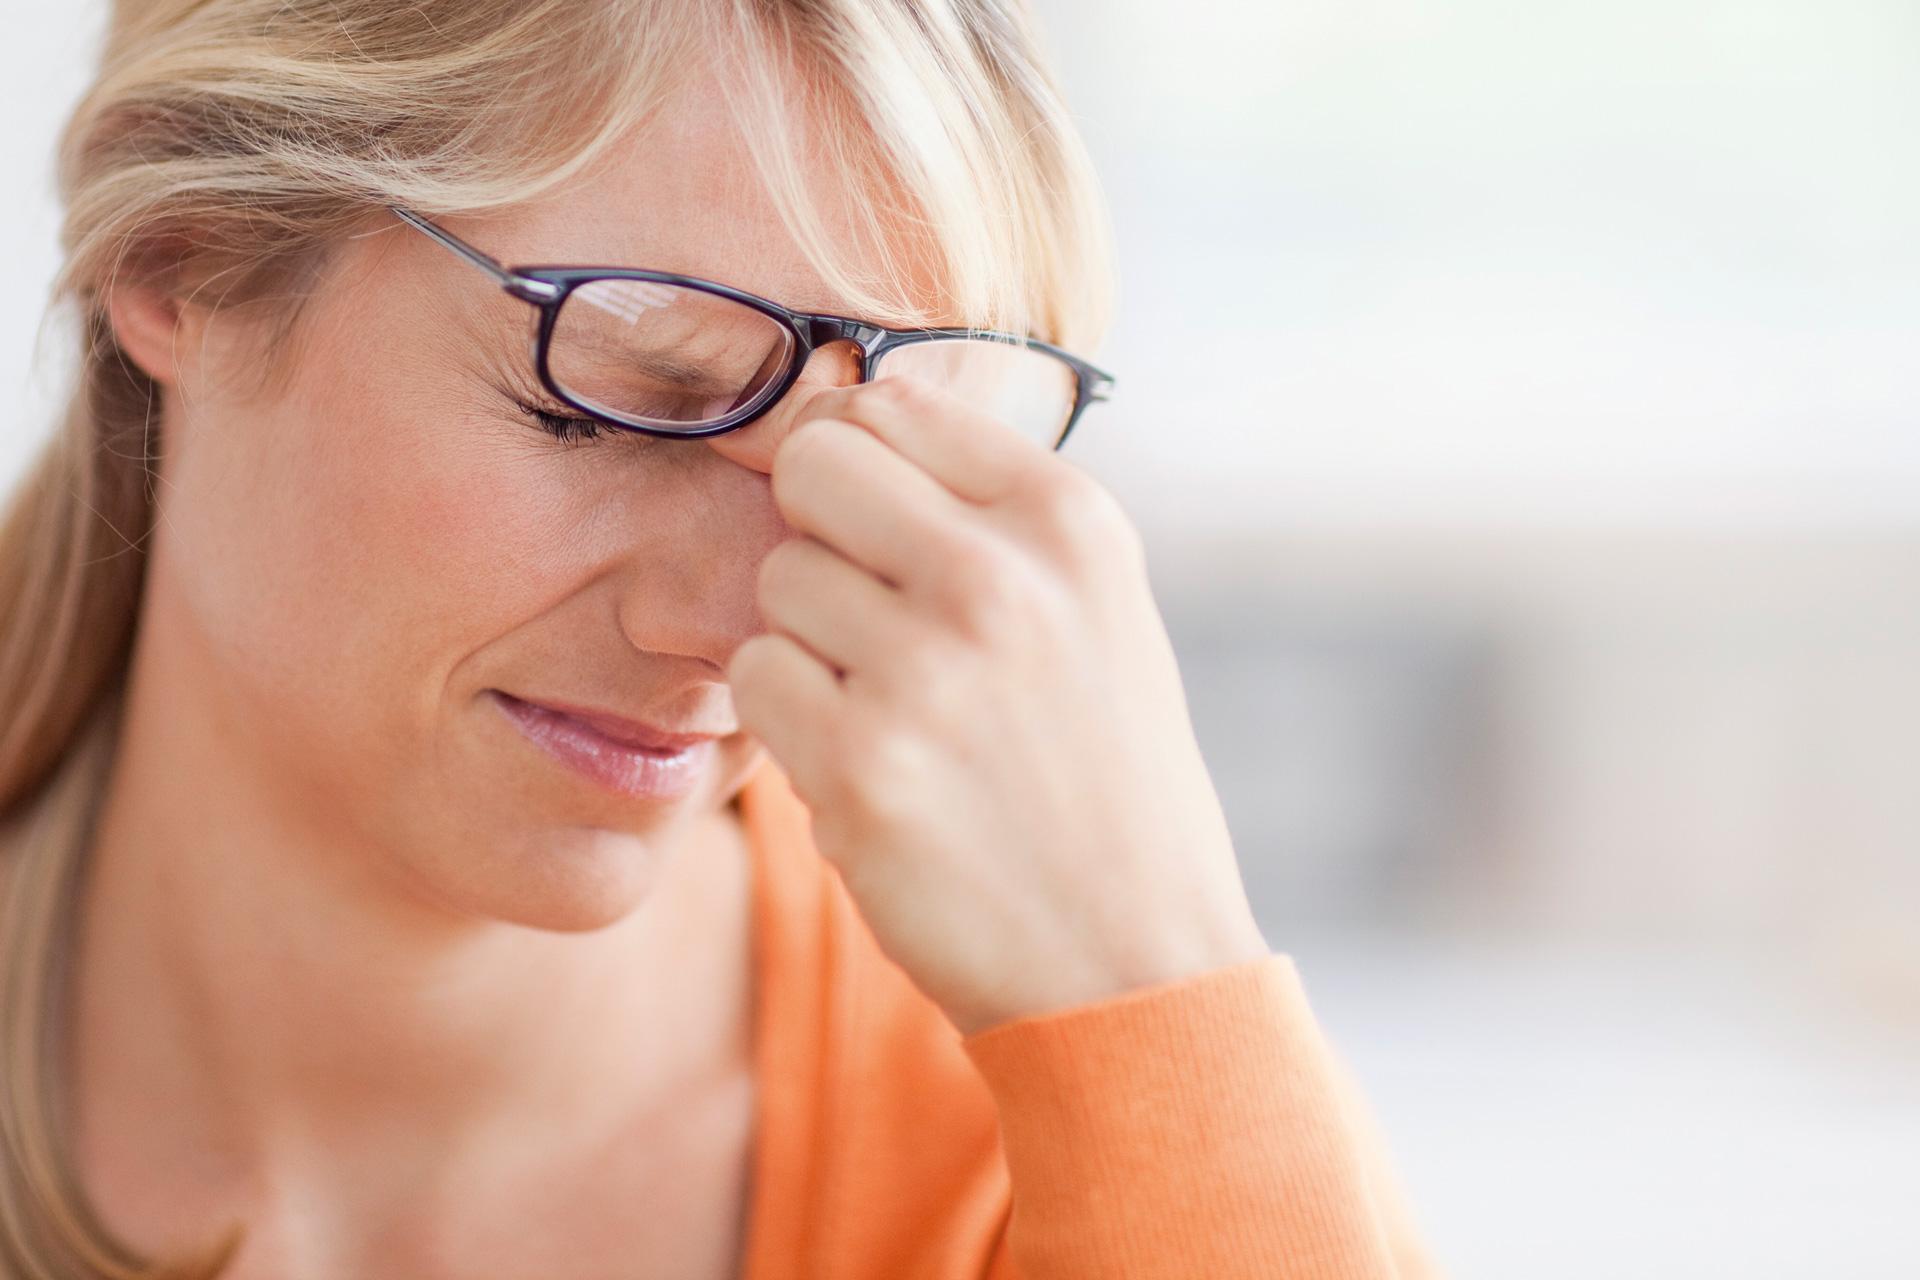 Une paire de lunettes mal adaptée ou de mauvaises conditions de luminosité  risquent-elles d endommager vos yeux   1e43a5e60a0e